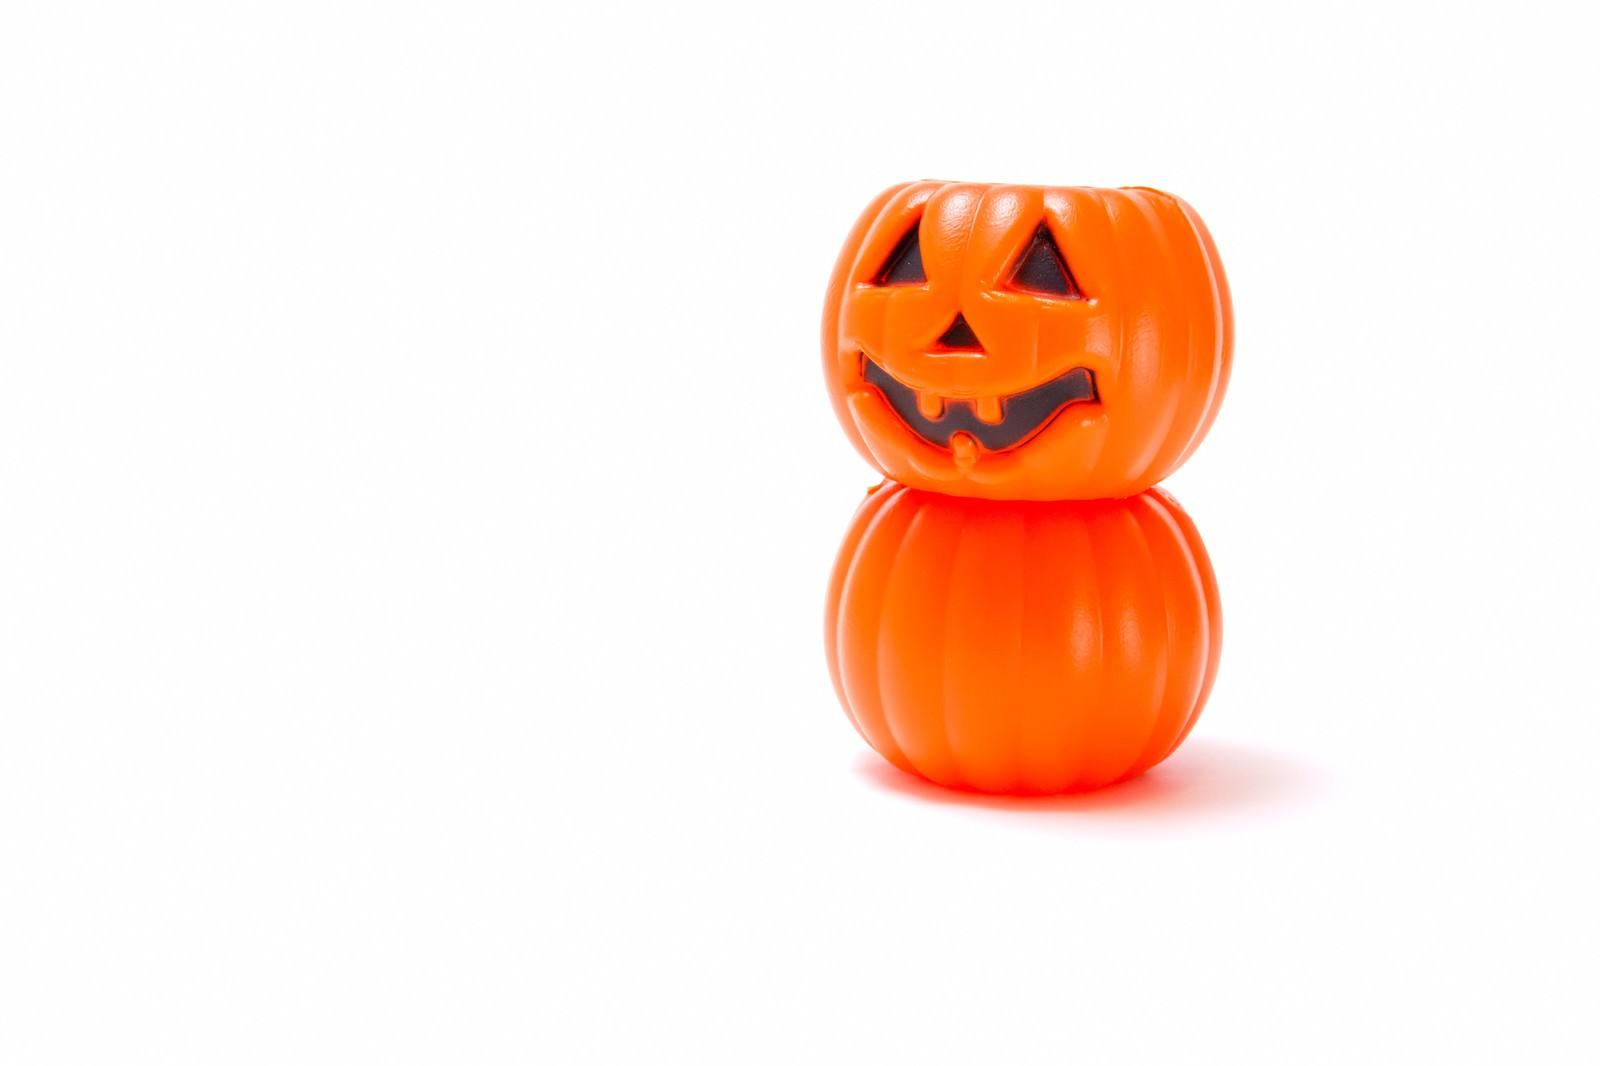 「だるまのようなかぼちゃ」の写真